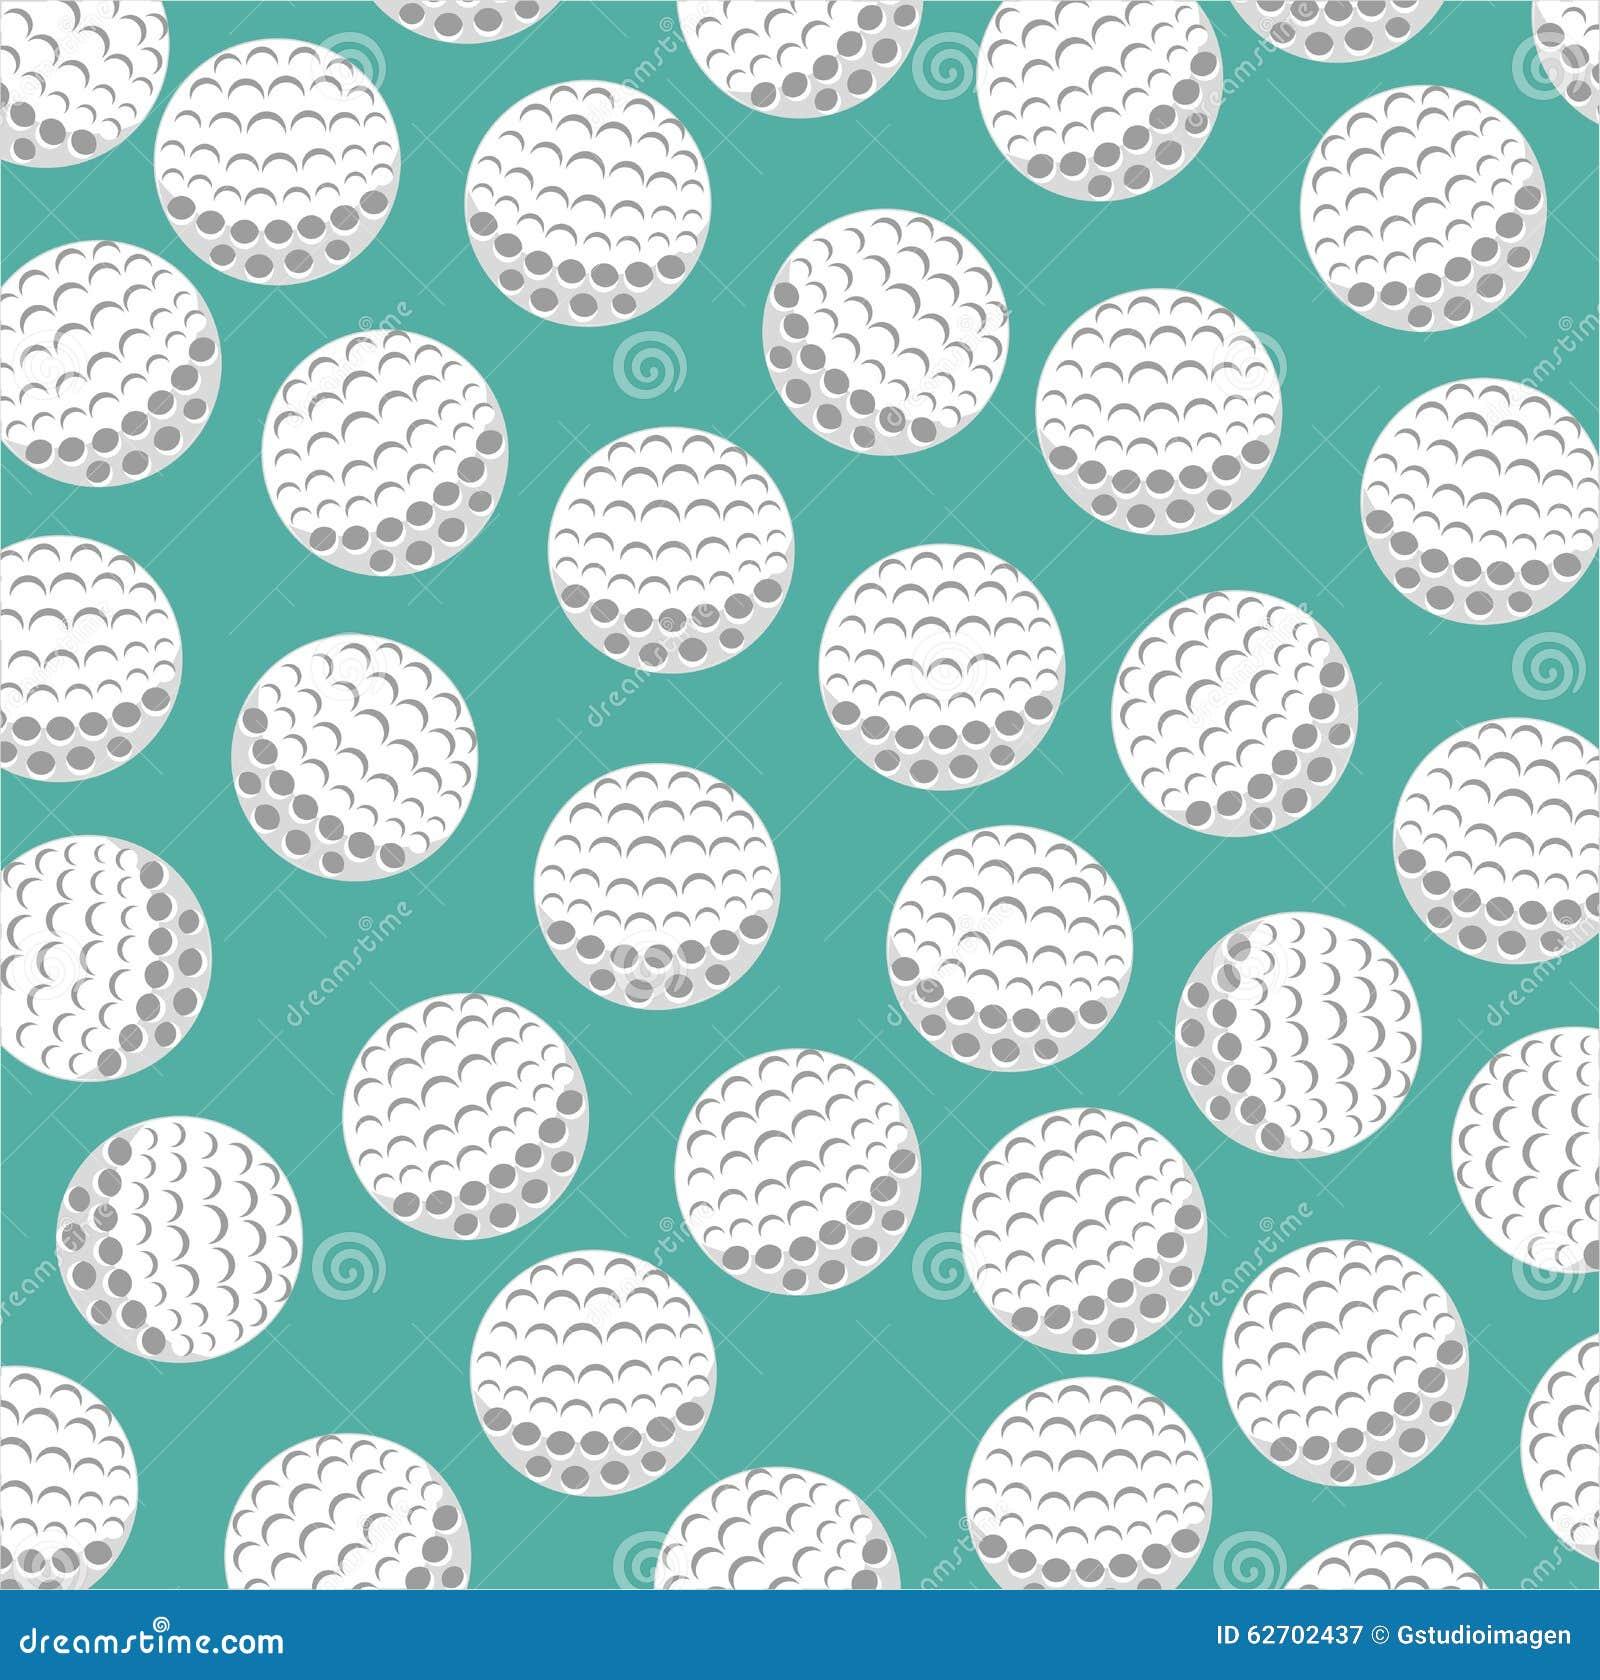 Αθλητικό παιχνίδι γκολφ κλαμπ γραφικό